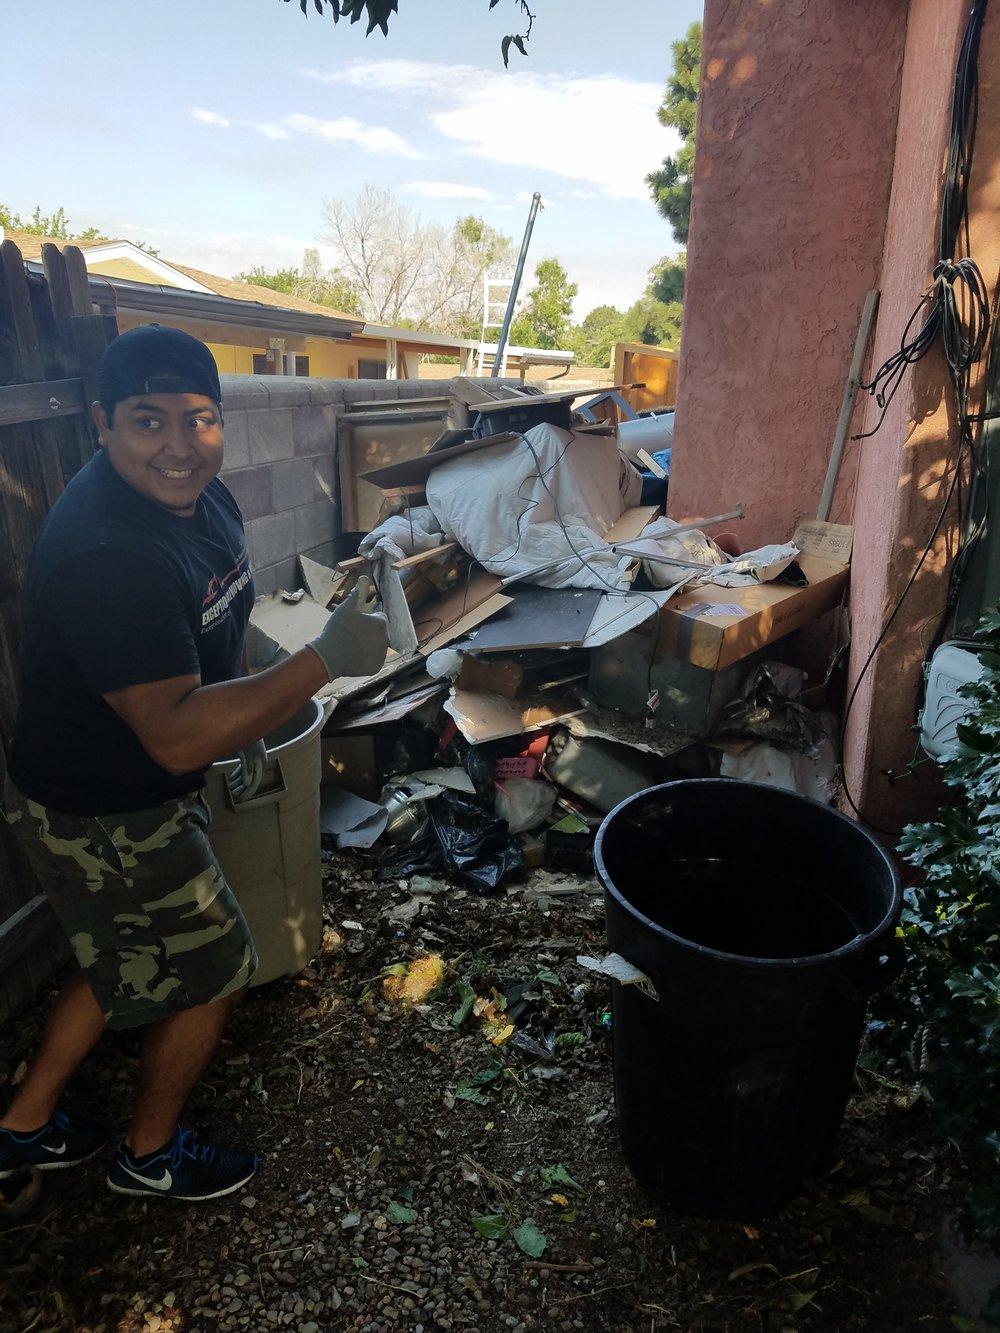 Trash Hauling Santa Fe